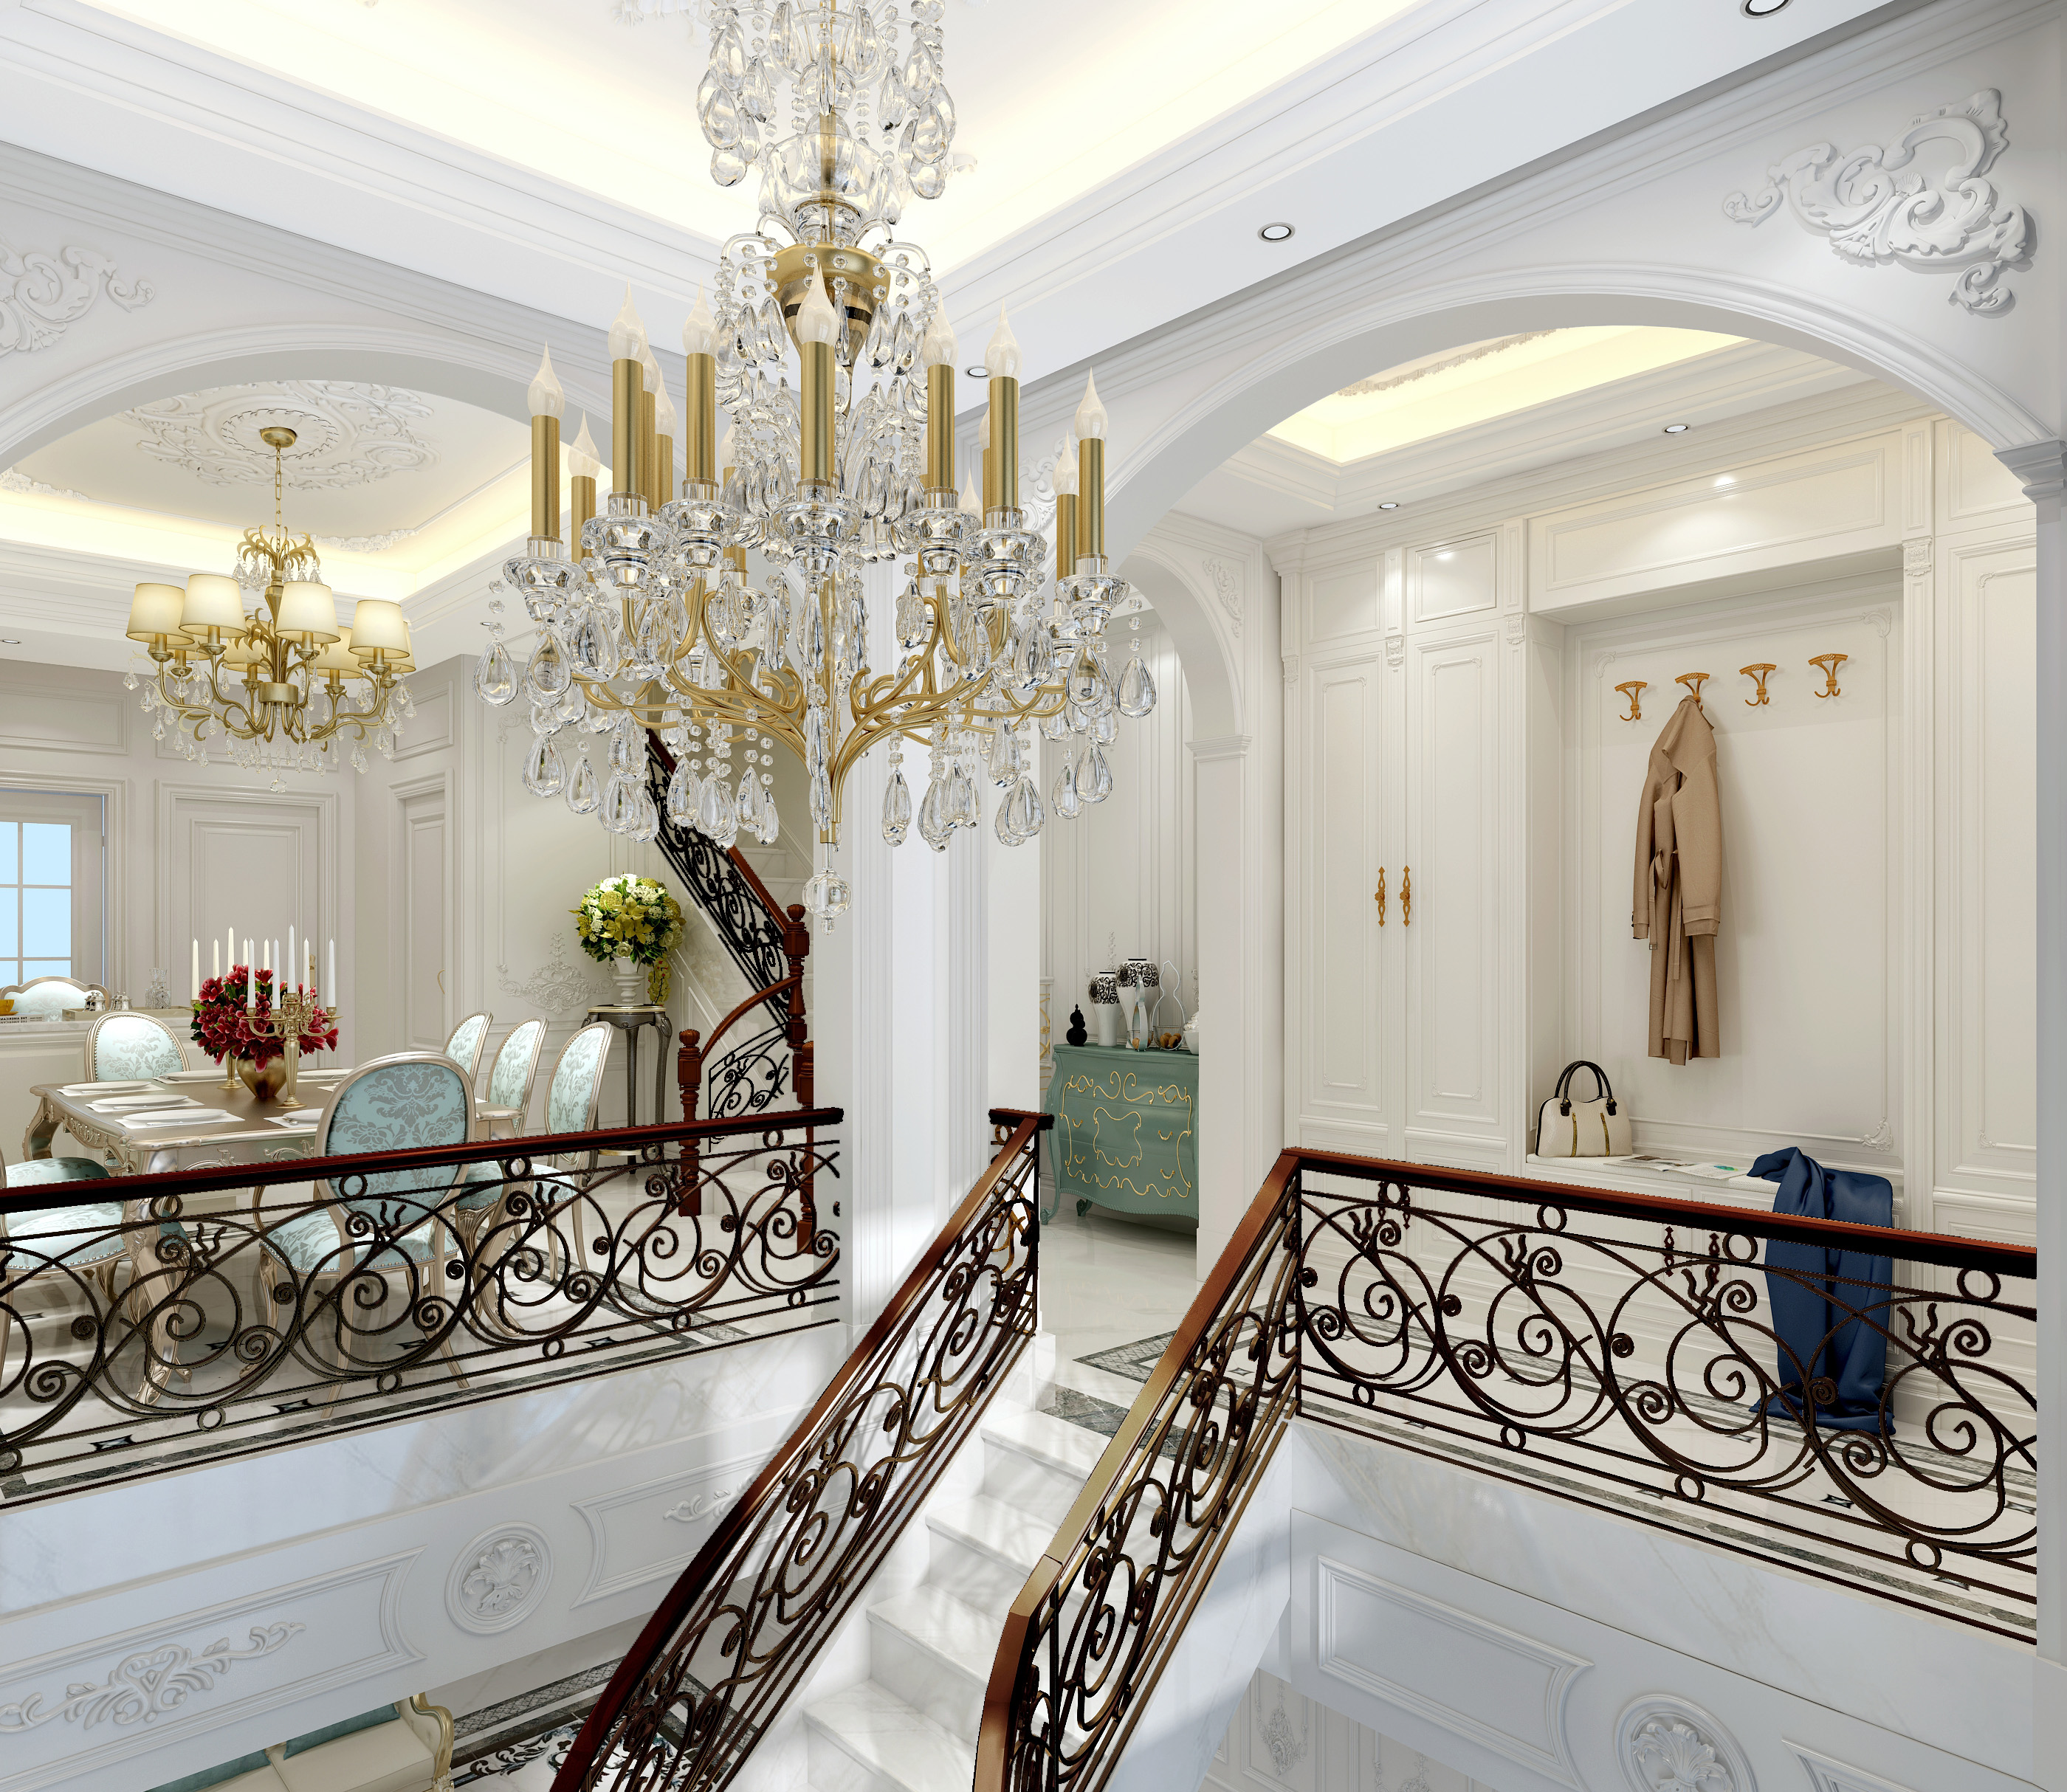 法式别墅装修水晶吊灯设计